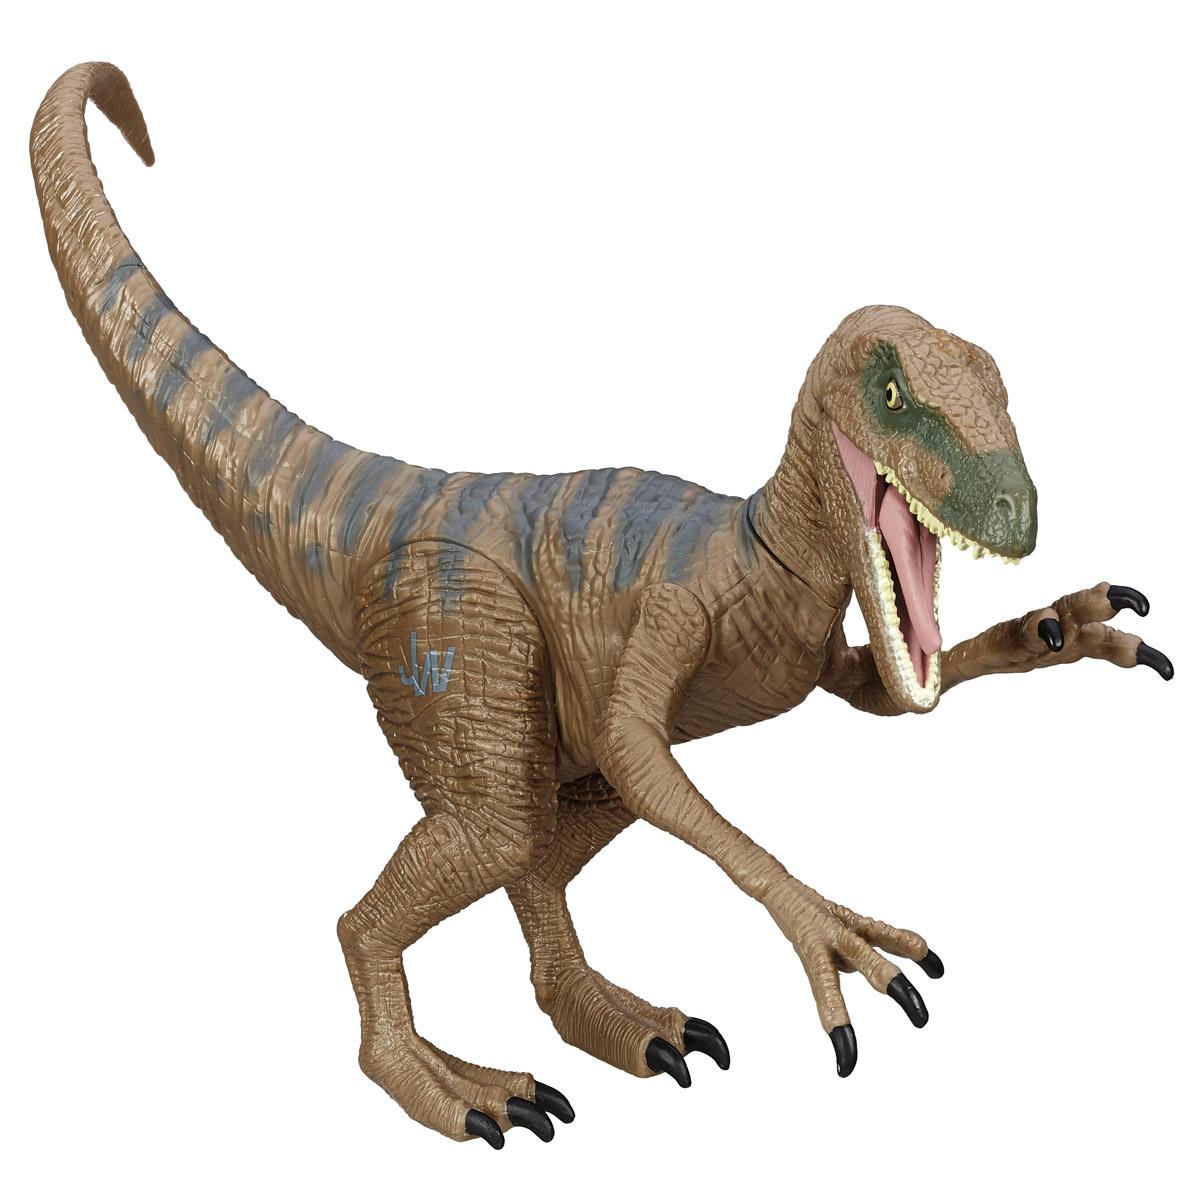 Фигурка Jurassic World Титаны: Velociraptor DeltaB1139 B1141_ VELOCIRAPTOR  DELTAФигурка динозавра Jurassic World Титаны: Velociraptor Delta непременно понравится вашему ребенку! Любителям реалистичных имитаций обитателей животного мира в доисторический период данное изделие подойдет как нельзя лучше. Велоцираптор Дельта - очень качественная фигурка, которая обладает отличной детализацией и сохранением пропорций тела динозавра. Игрушка изготовлена из безопасных и надежных материалов, на высоком уровне имитирующих особенности кожи древних ящеров. Верхние конечности фигурки двигаются. Ваш ребенок часами будет играть с фигуркой, придумывая различные истории. Порадуйте его таким замечательным подарком!